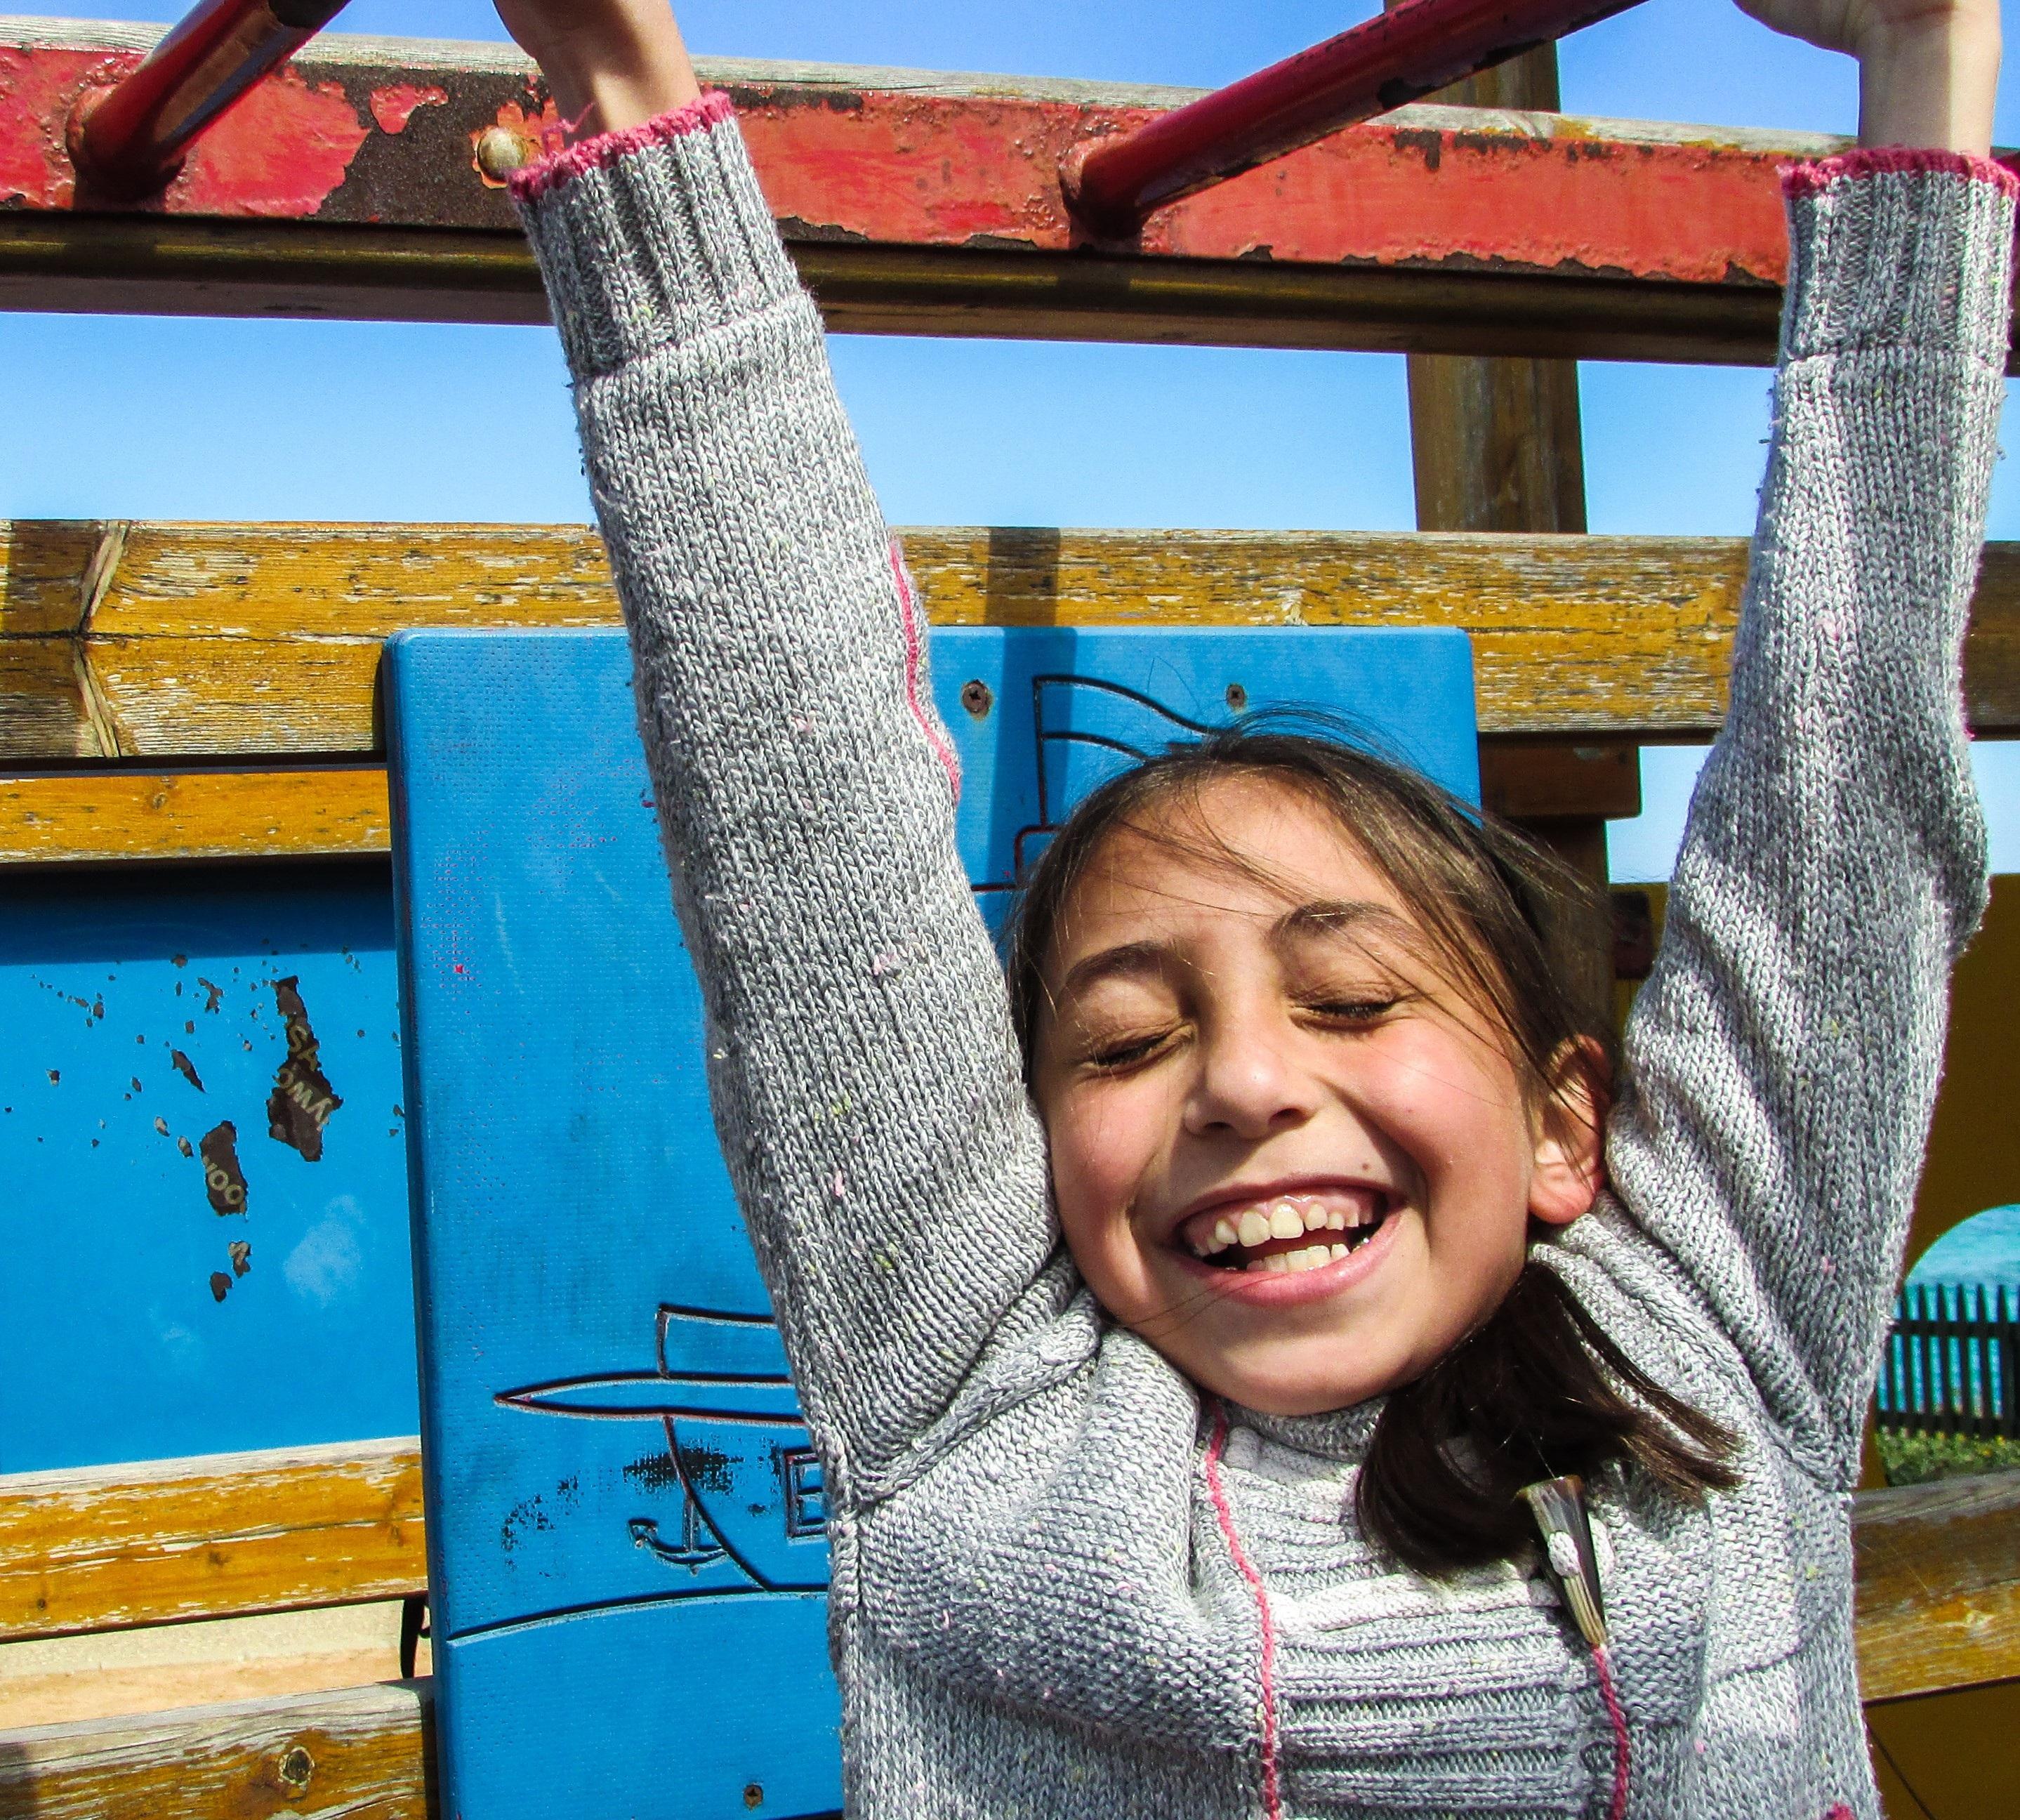 Fotos gratis : gente, niña, vacaciones, viajar, primavera, color ...